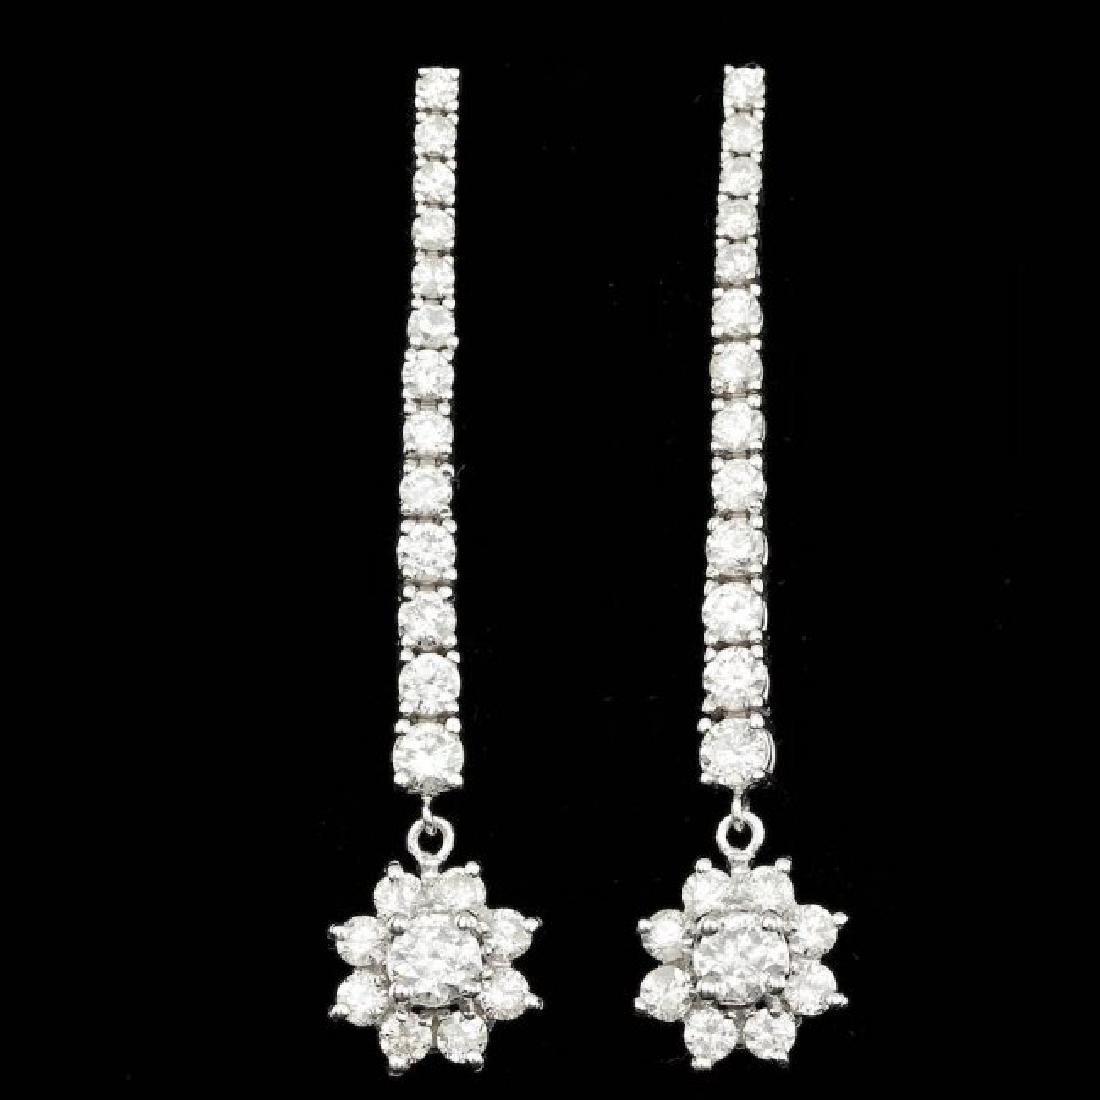 14k White Gold 3.65ct Diamond Earrings